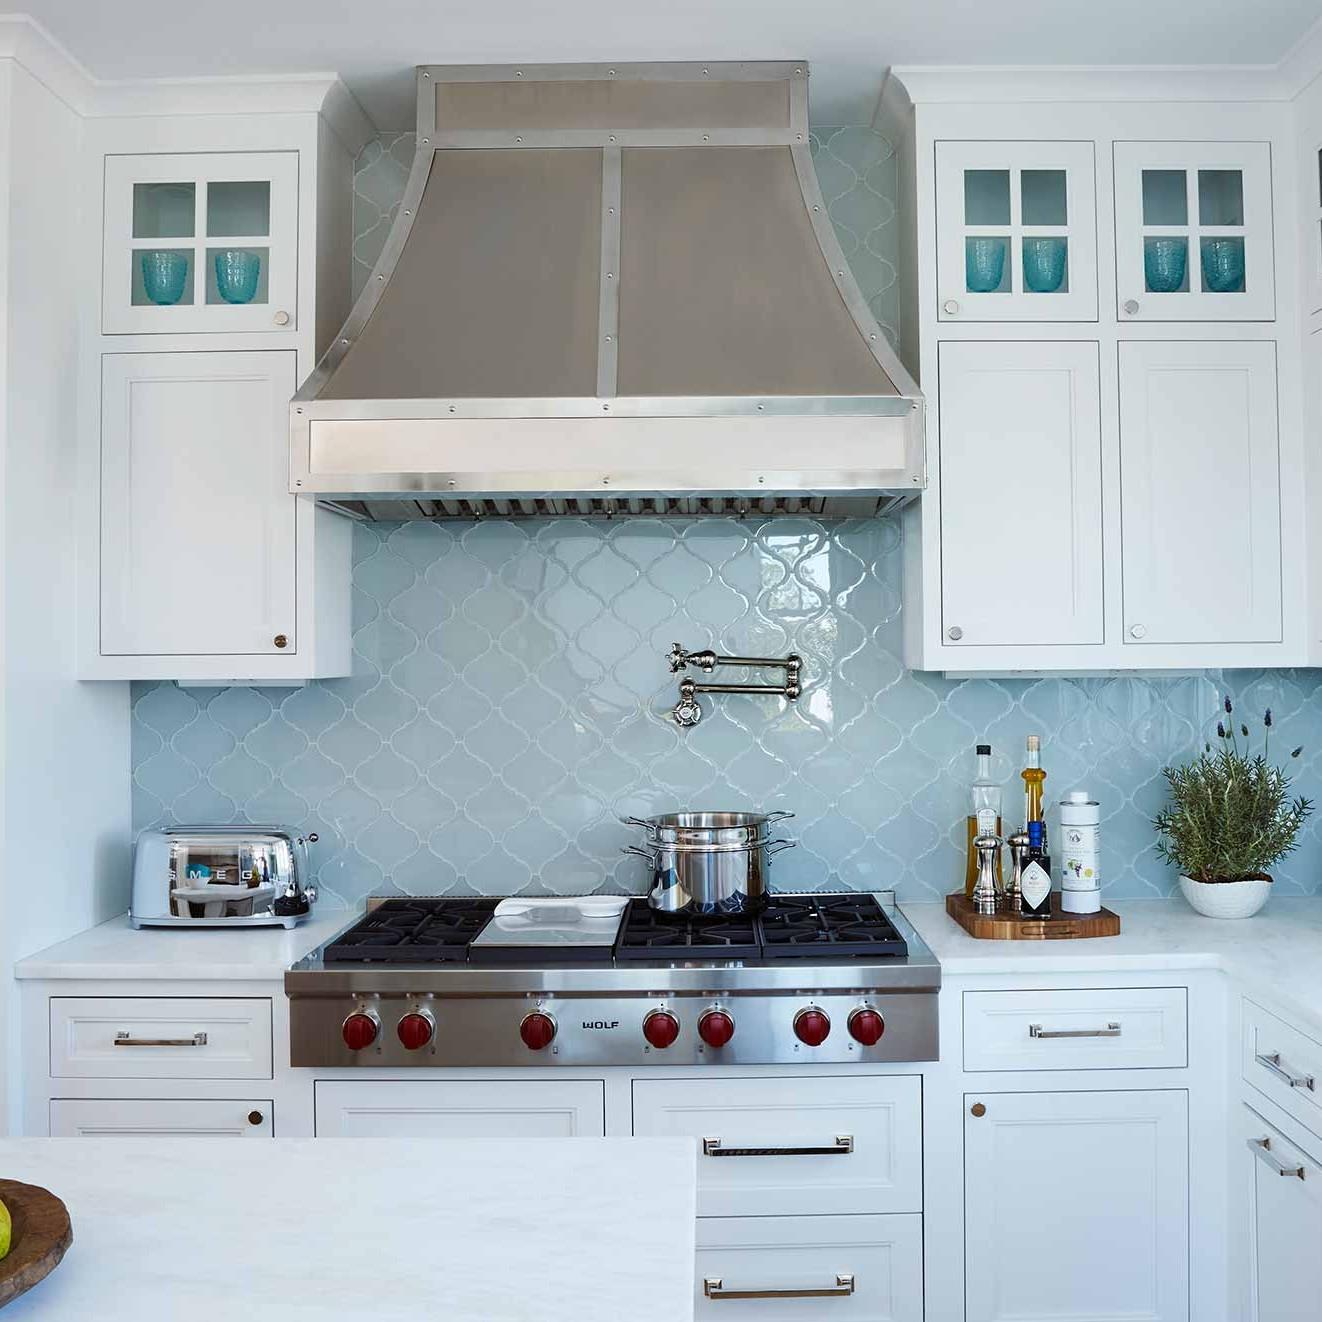 Kitchen interior design of a beach house in Watersound beach designed by Darci Hether New York